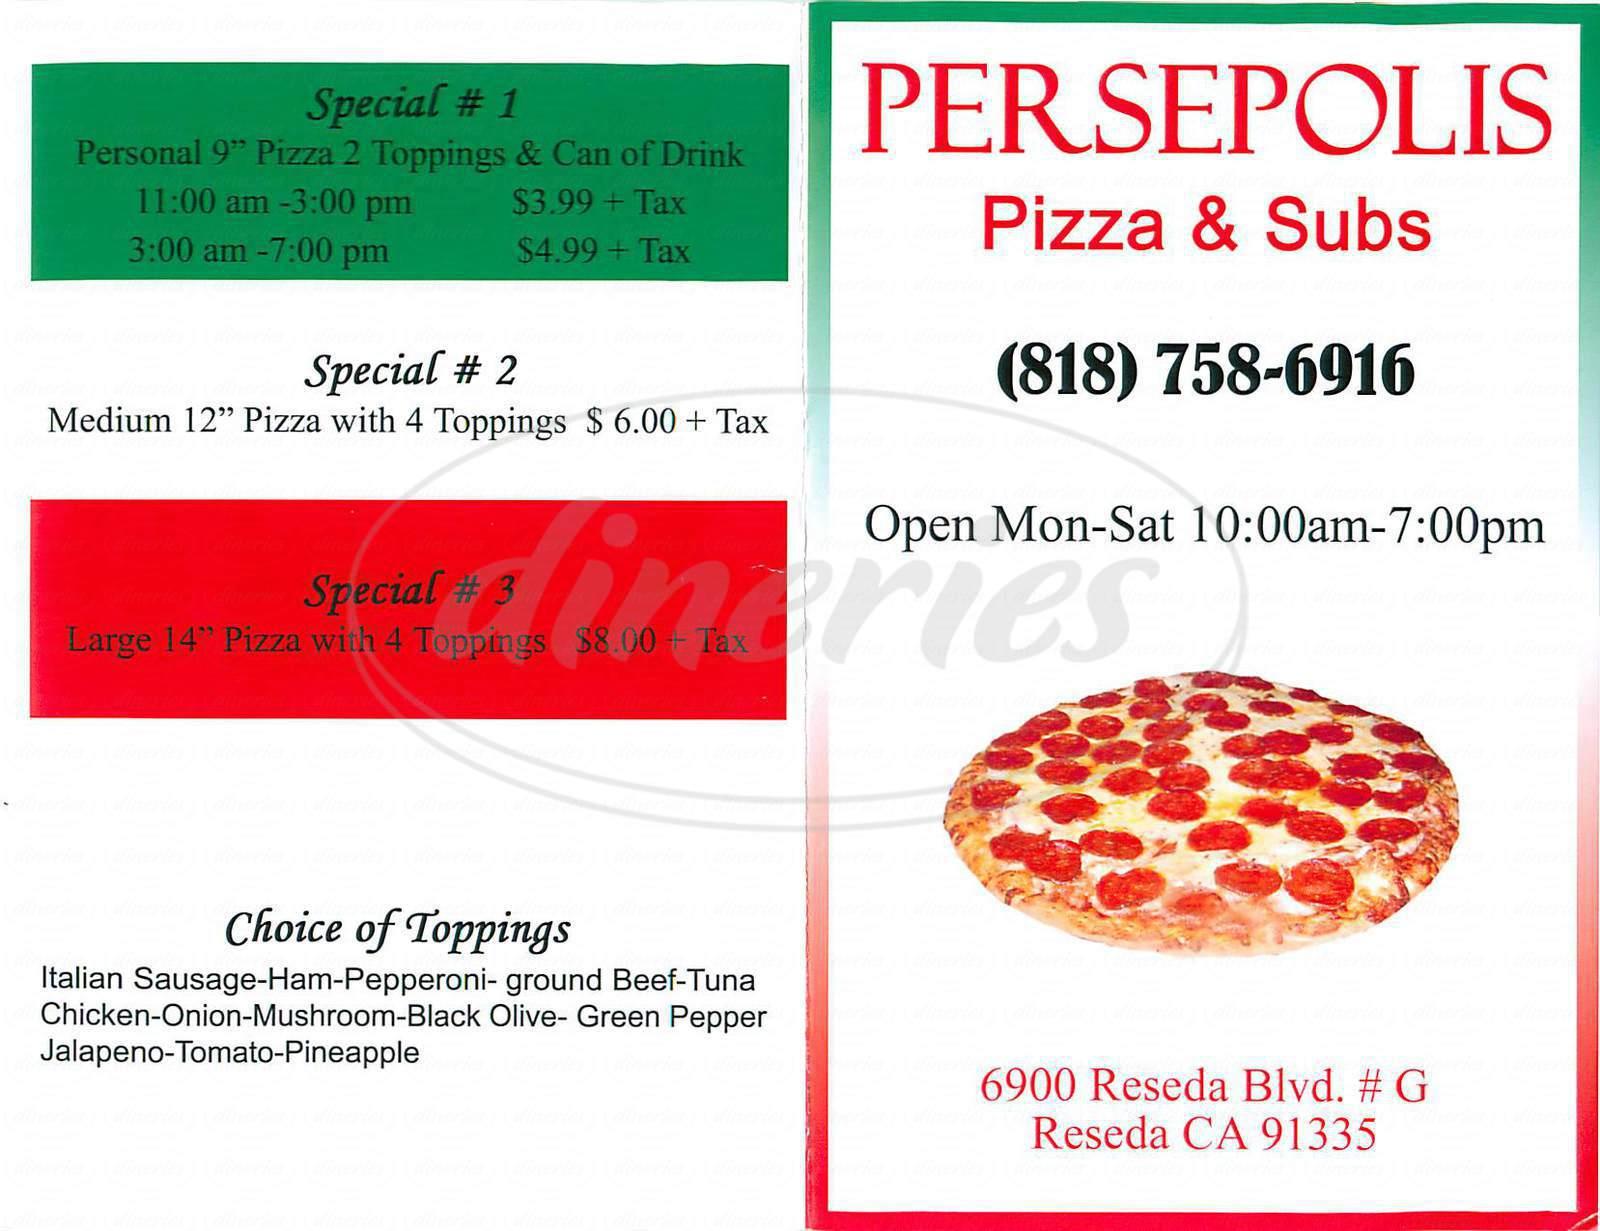 menu for Persepolis